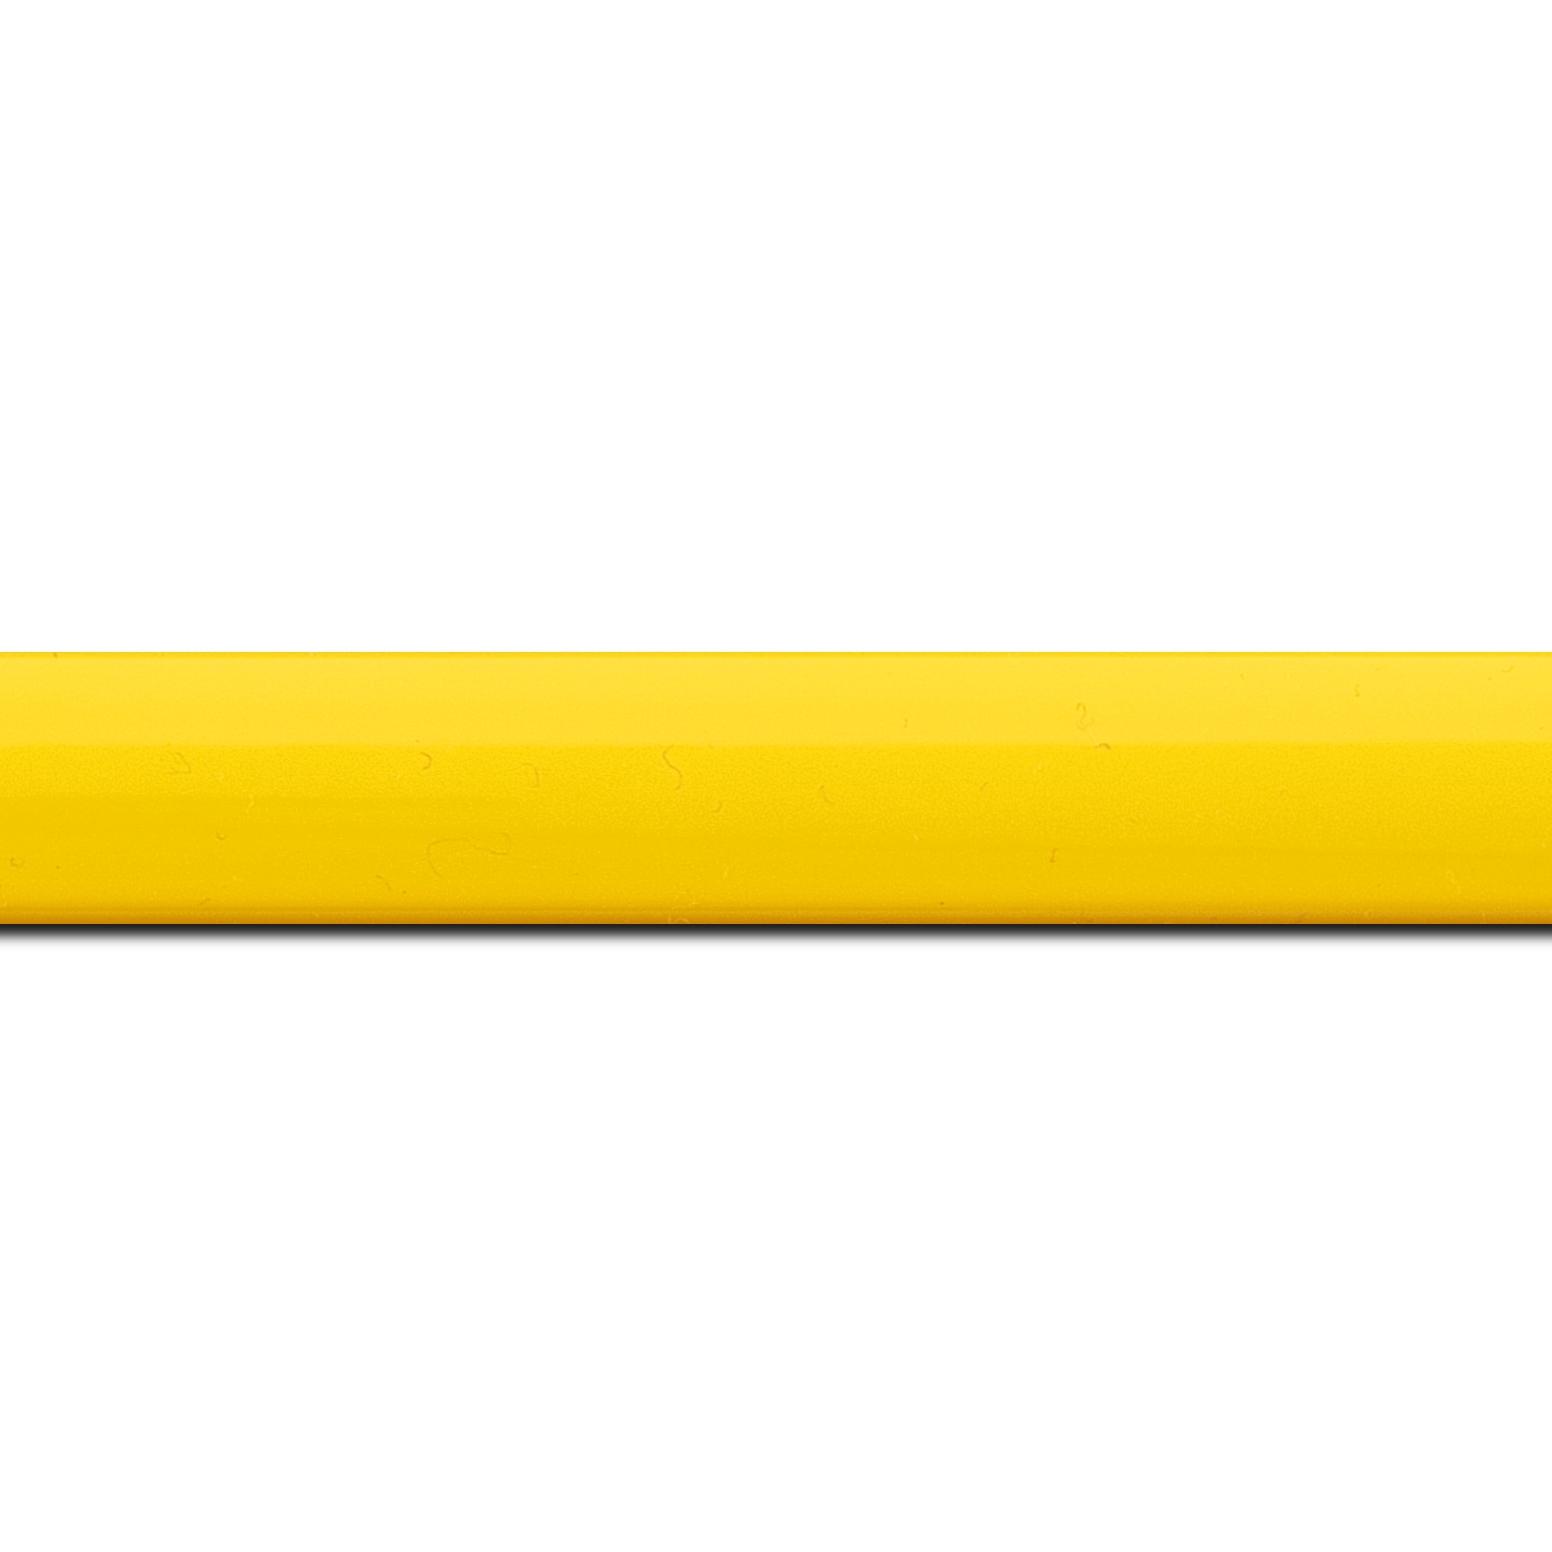 Pack par 12m, bois profil méplat largeur 2.3cm couleur jaune laqué (longueur baguette pouvant varier entre 2.40m et 3m selon arrivage des bois)